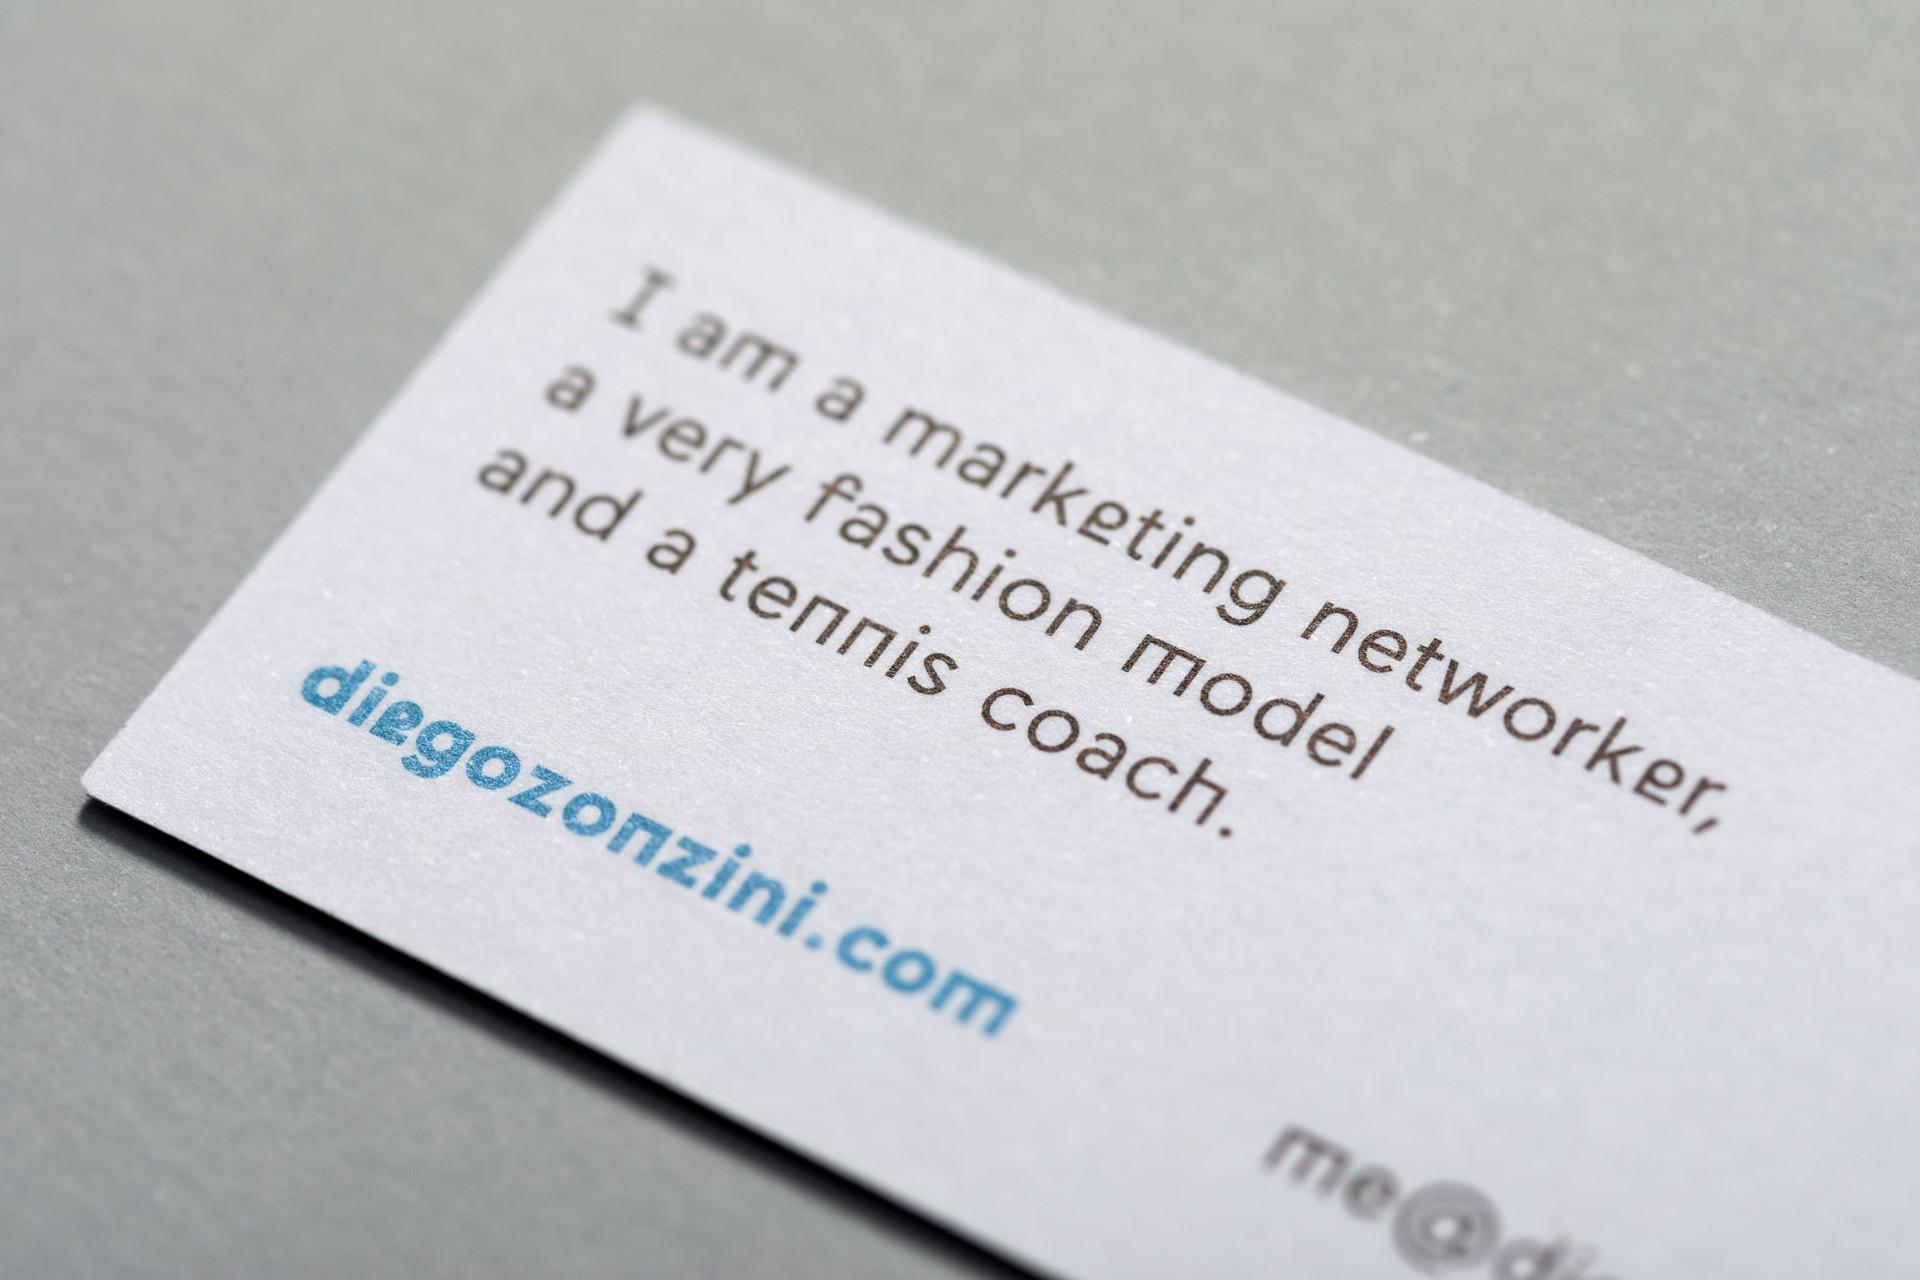 Diego-zonzini_networker, tennis coach, model